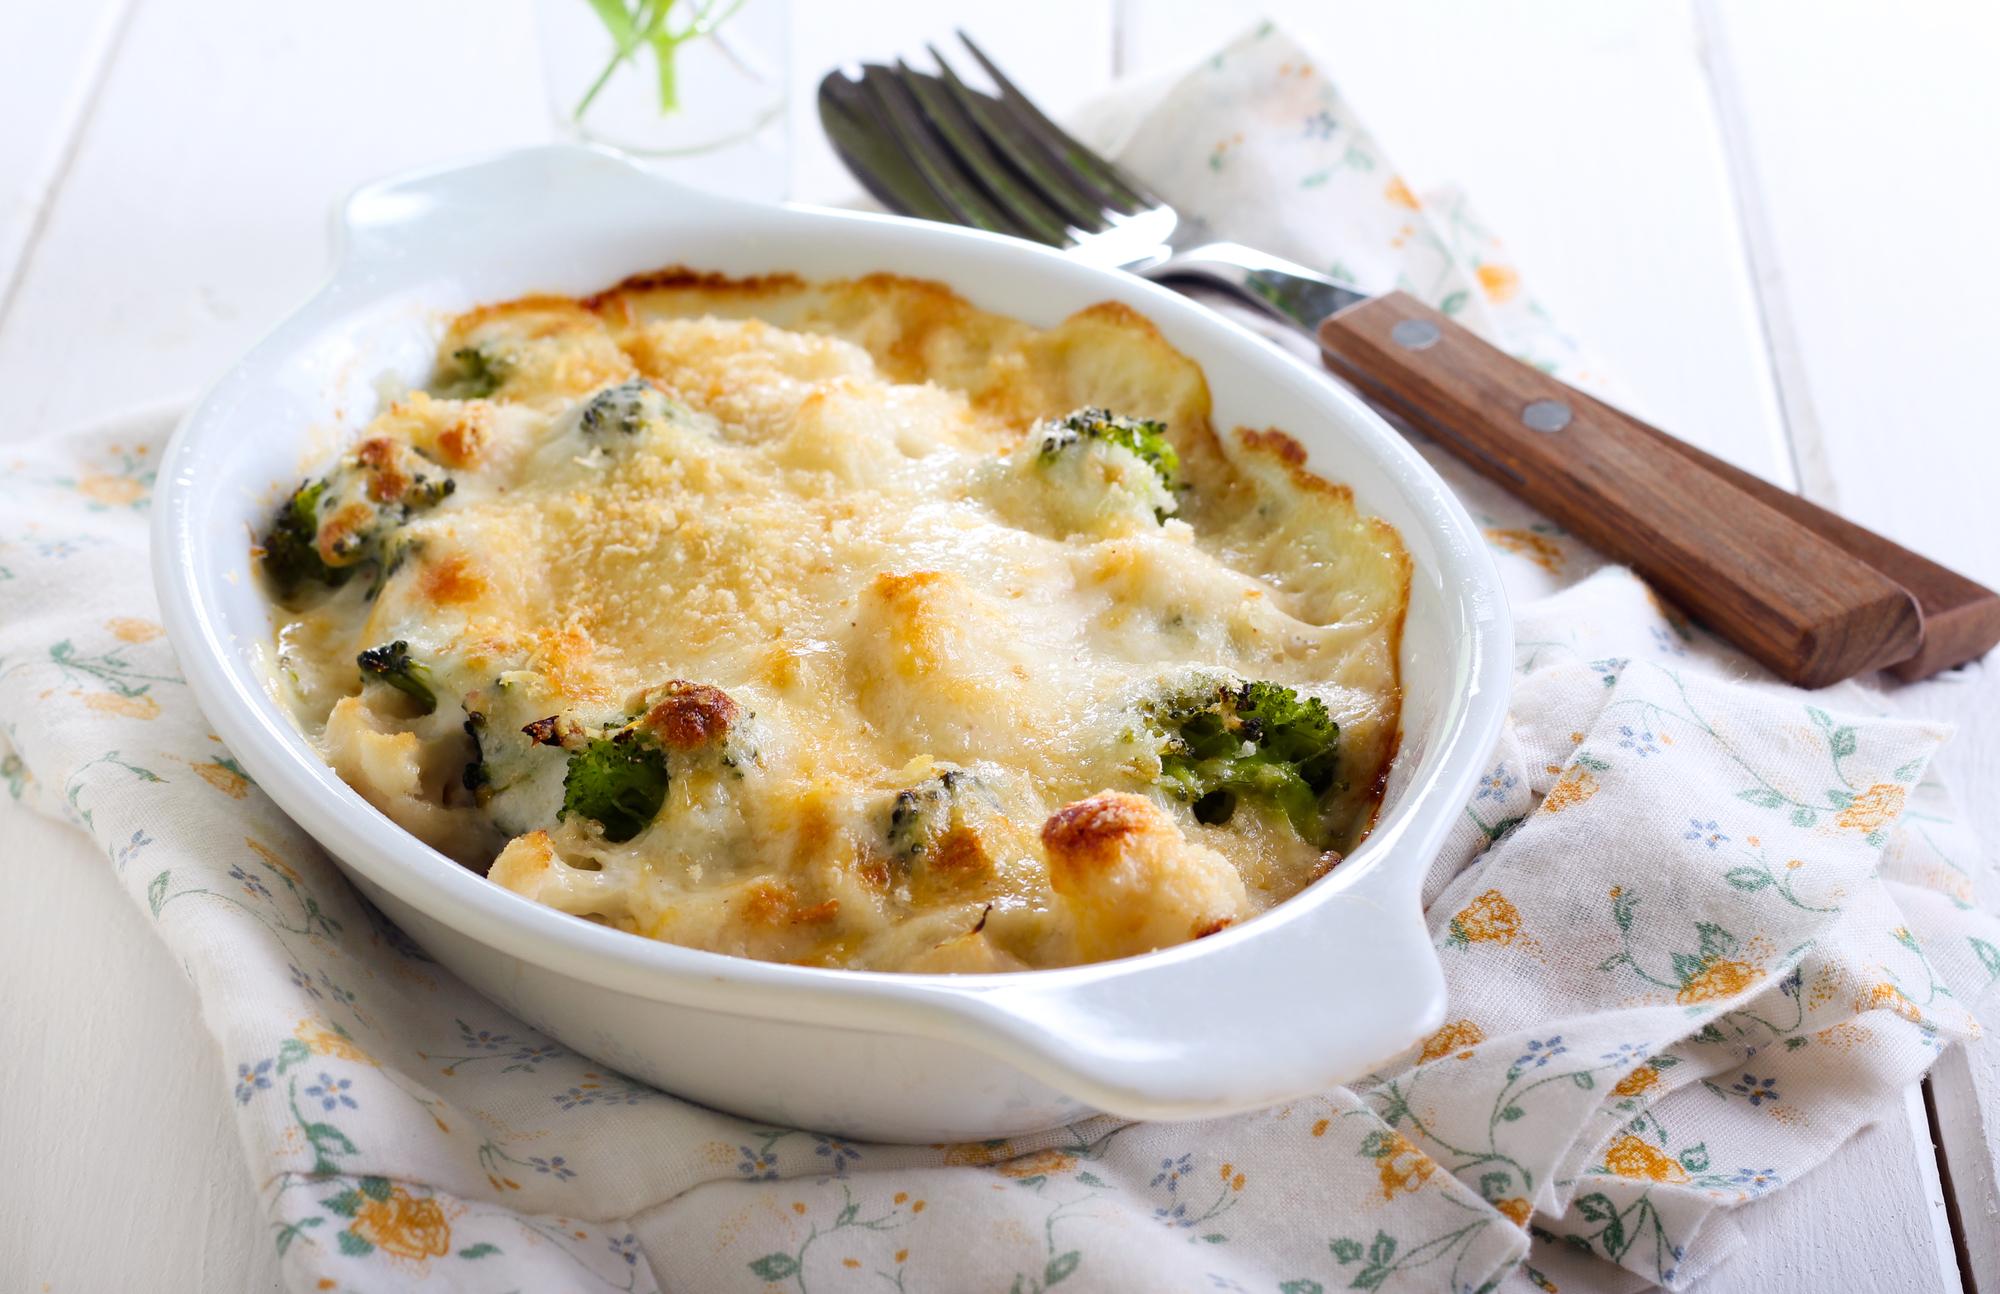 Диетическое меню: 4 капусты под сырным соусом